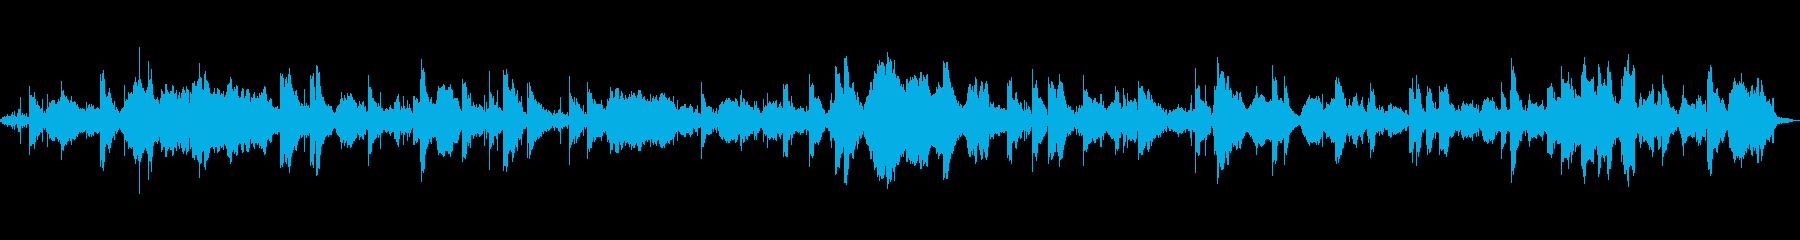 波の音とクリスタルボウルヒーリングの再生済みの波形